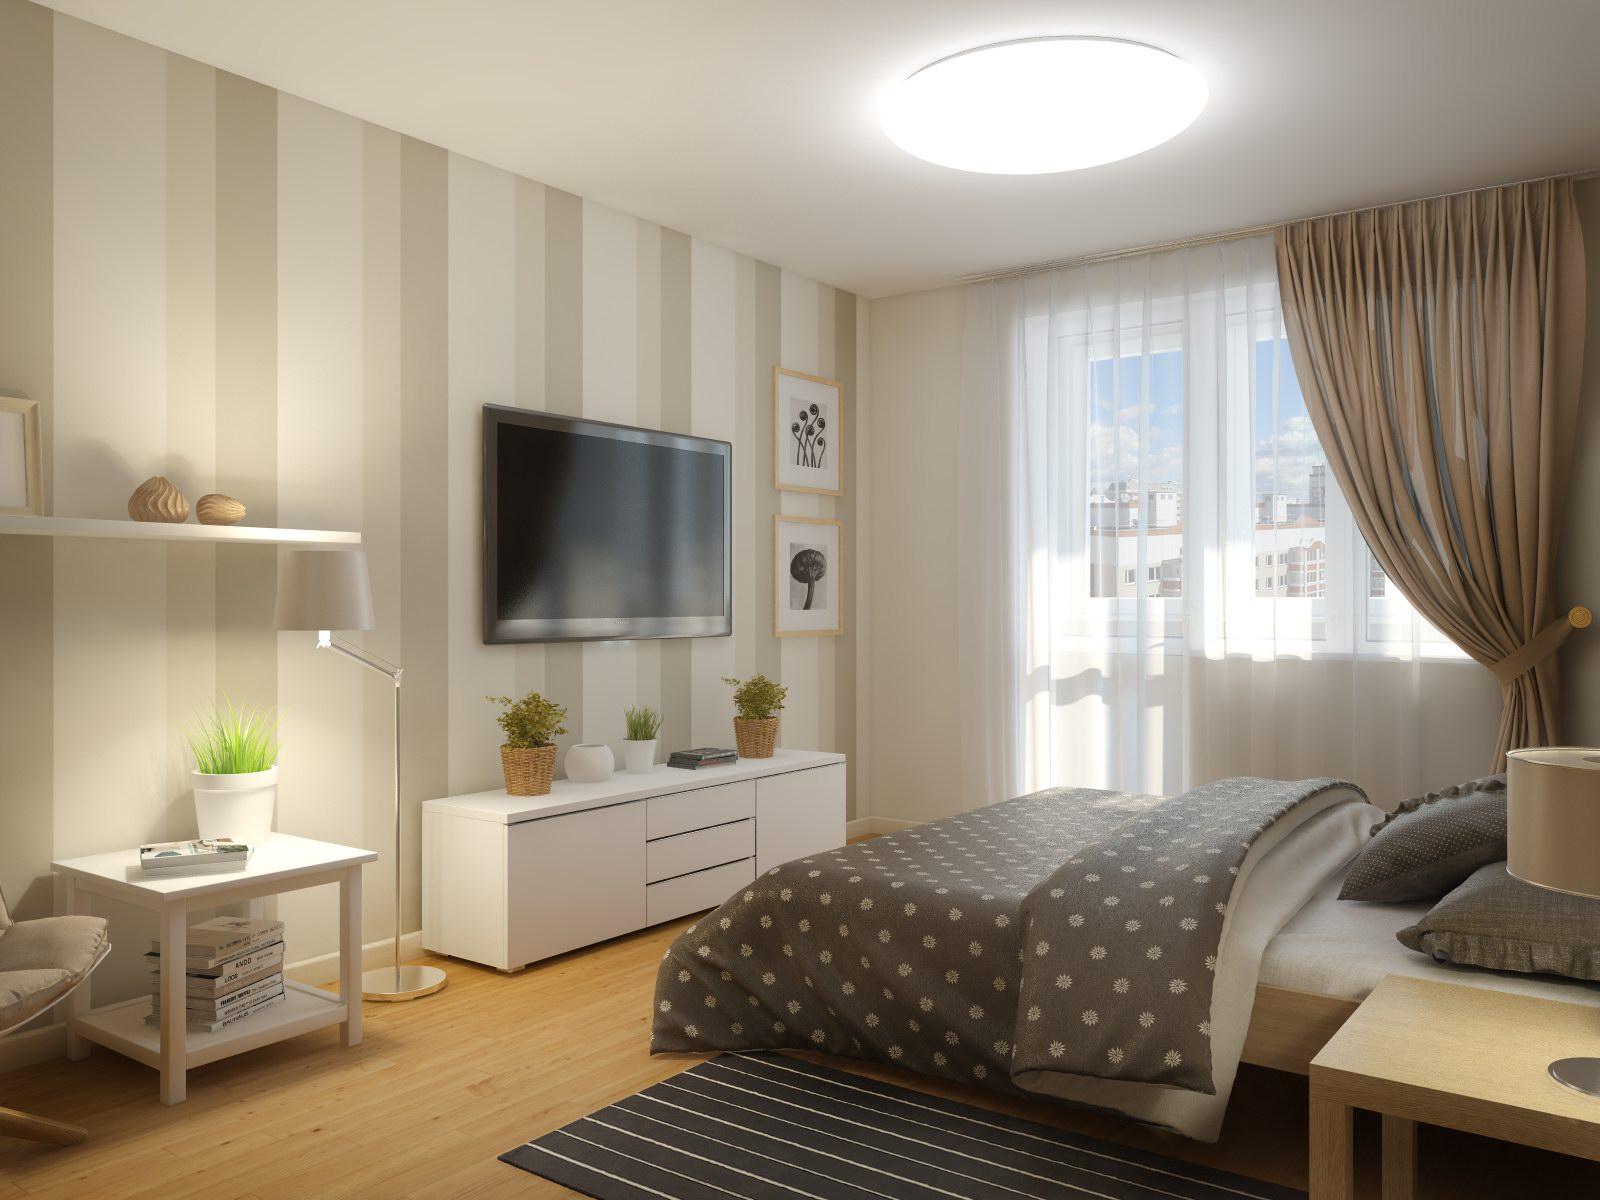 Квартиры 1 комнатные дизайн 146